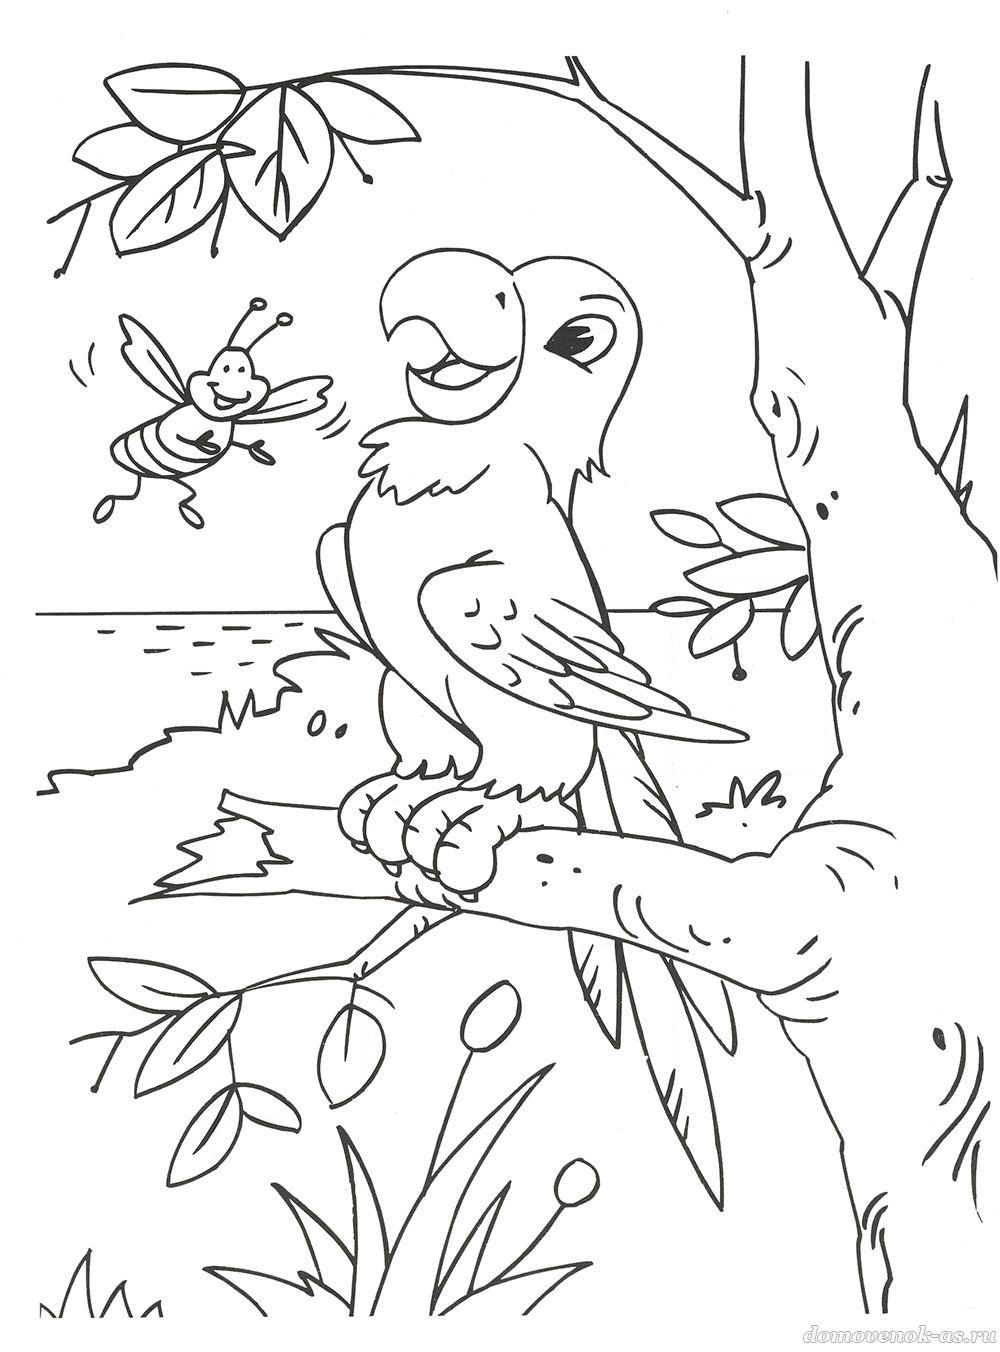 Раскраска для детей 6-8 лет. Попугай